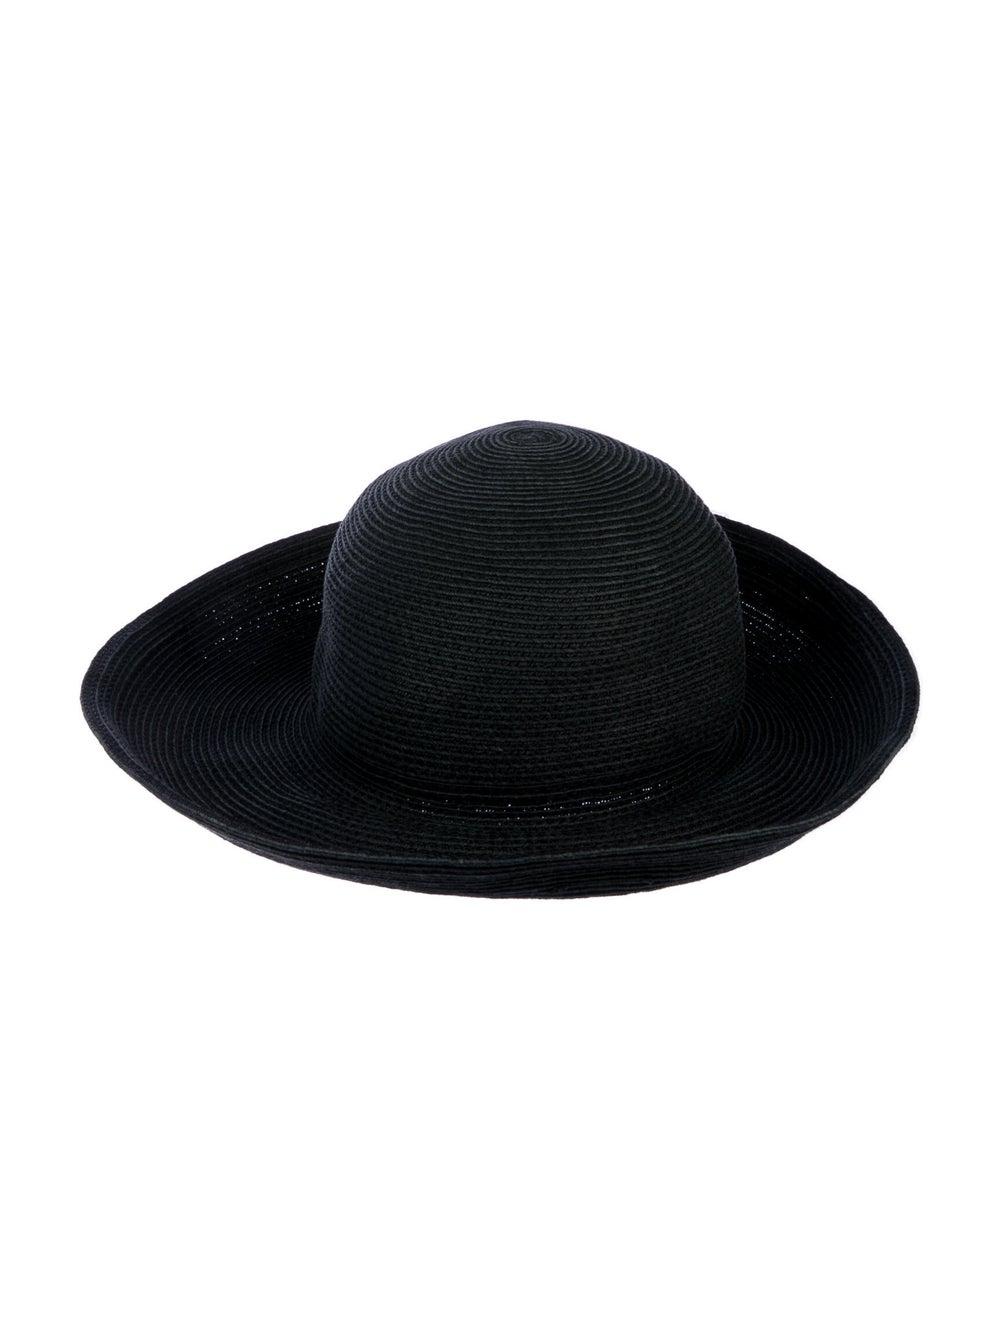 Eric Javits Wide Brim Hat Grey - image 1